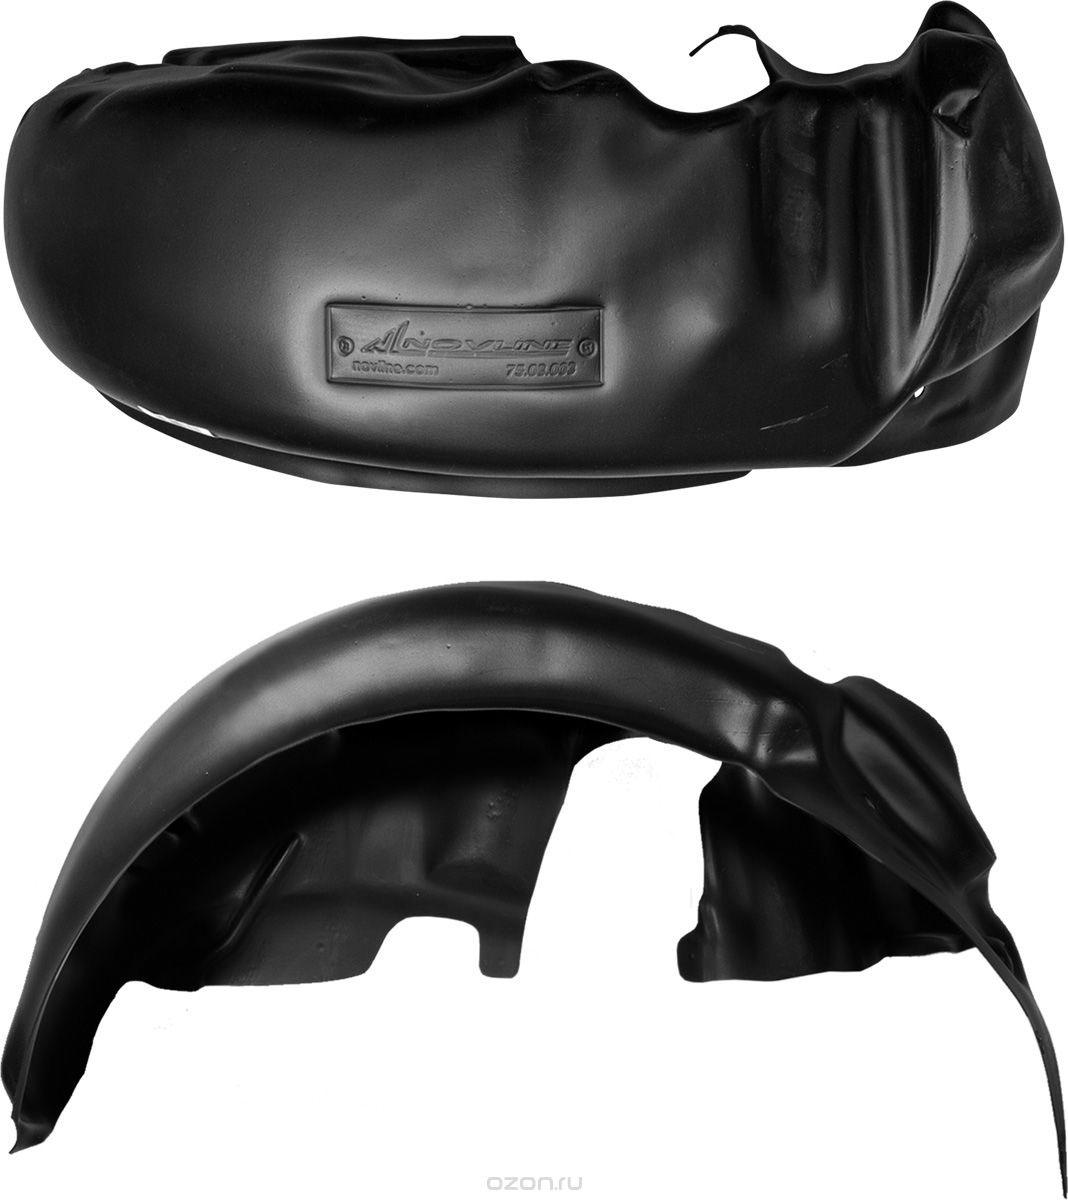 Подкрылок Novline-Autofamily, для Haima M3, 09/2014->, седан, передний правыйNLL.83.03.002Идеальная защита колесной ниши. Локеры разработаны с применением цифровых технологий, гарантируют максимальную повторяемость поверхности арки. Изделия устанавливаются без нарушения лакокрасочного покрытия автомобиля, каждый подкрылок комплектуется крепежом. Уважаемые клиенты, обращаем ваше внимание, что фотографии на подкрылки универсальные и не отражают реальную форму изделия. При этом само изделие идет точно под размер указанного автомобиля.